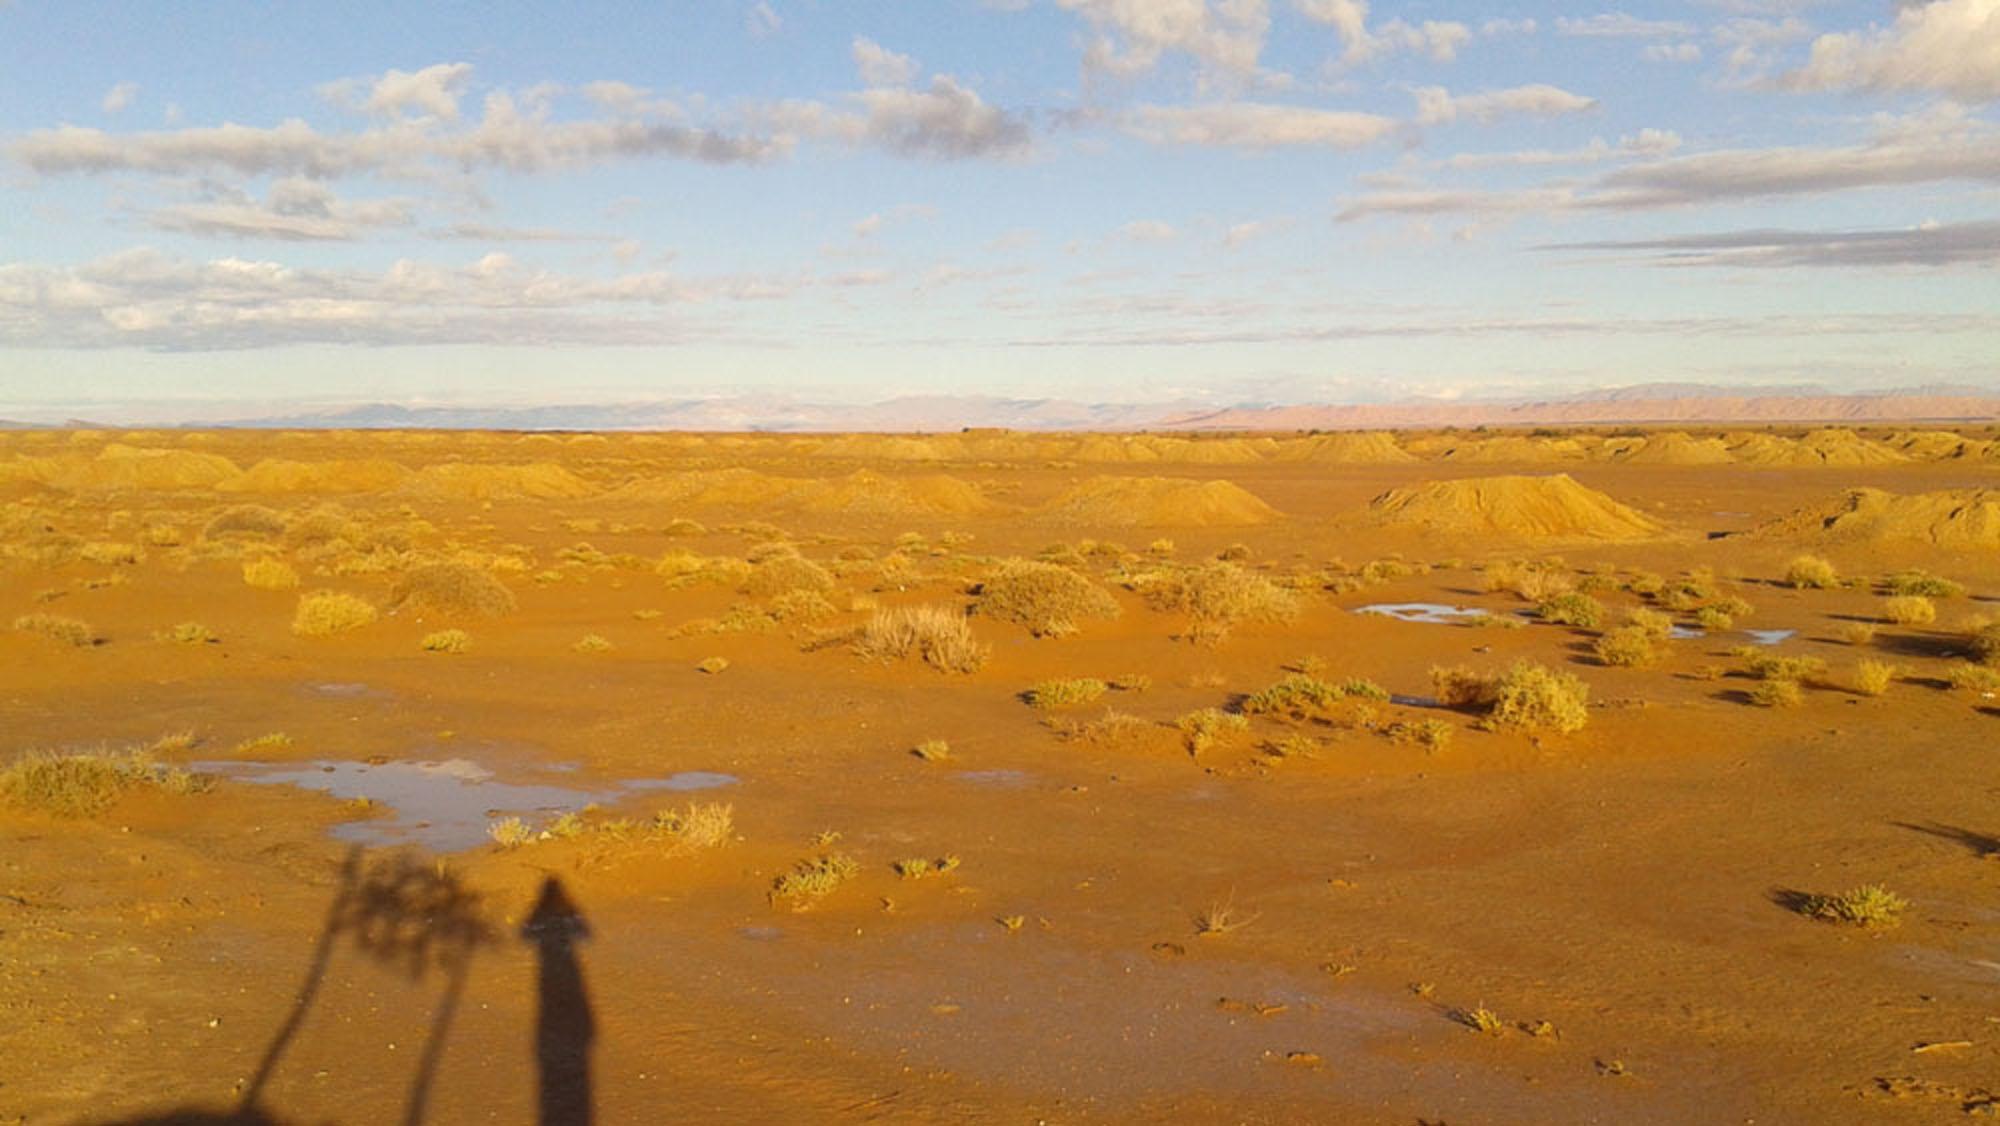 8 Tage/7 Nächte von Marrakech nach Marrakech - Tour mit Wüstenfeeling und Cameltrekking